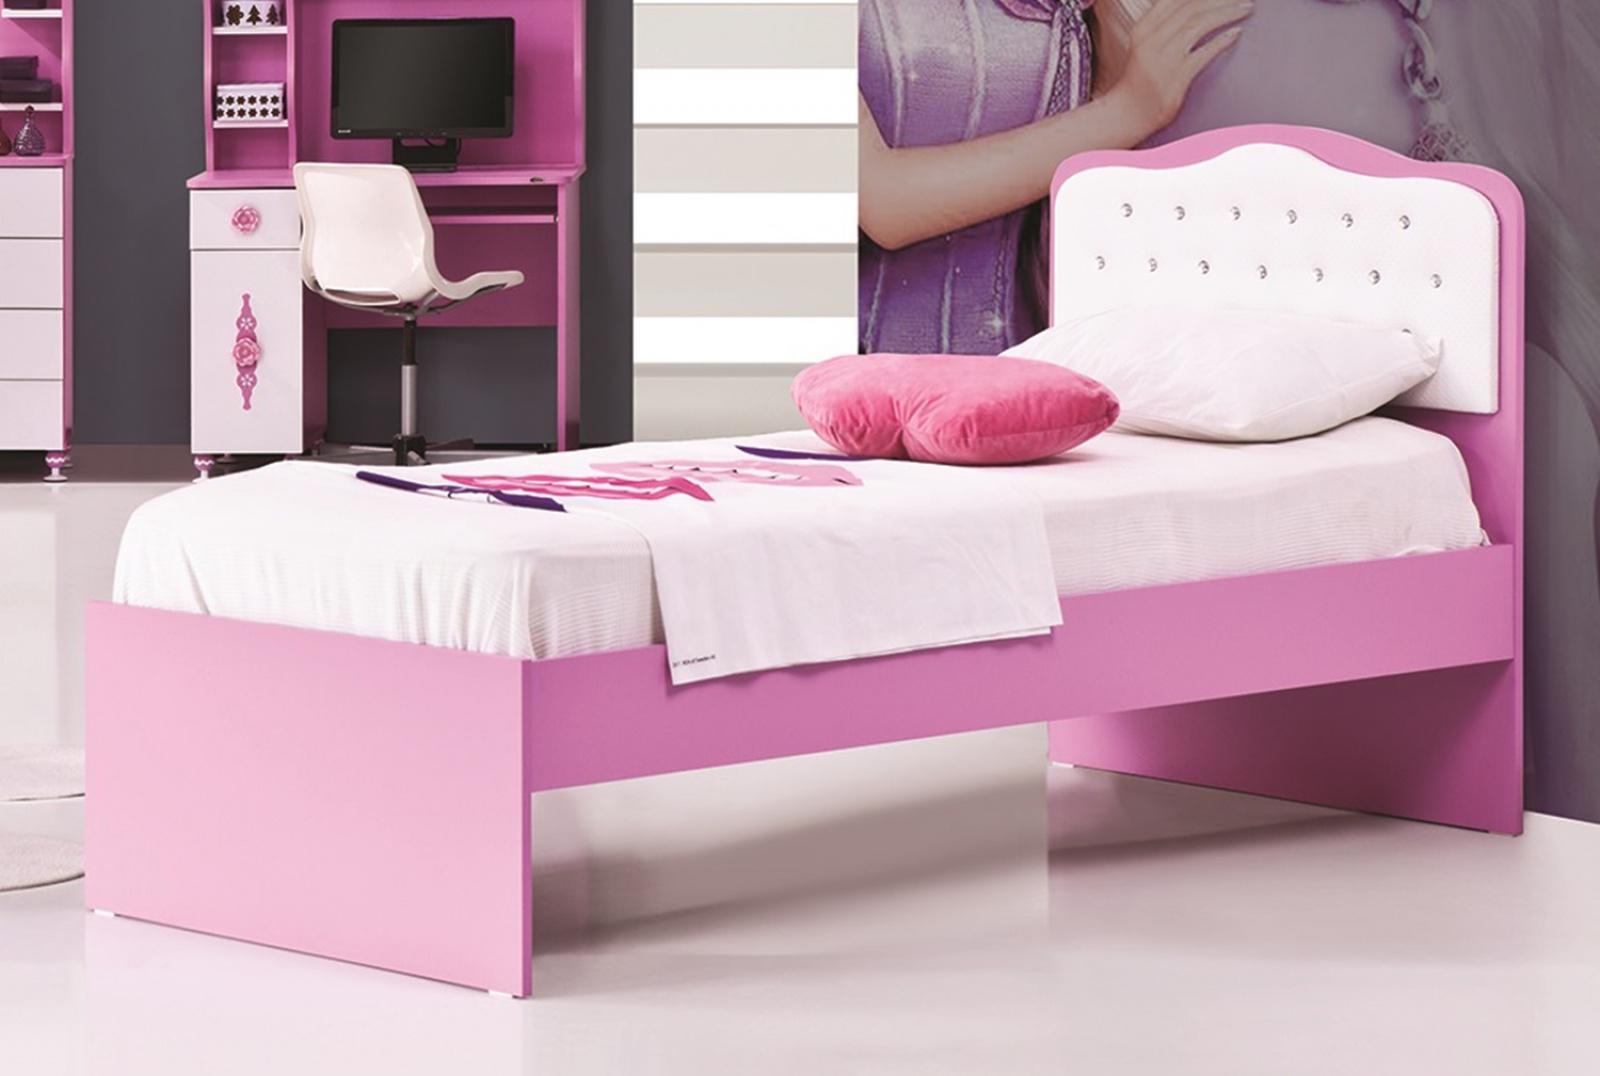 kinderbett zuckerfee in rosa wei kaufen bei m bel lux. Black Bedroom Furniture Sets. Home Design Ideas